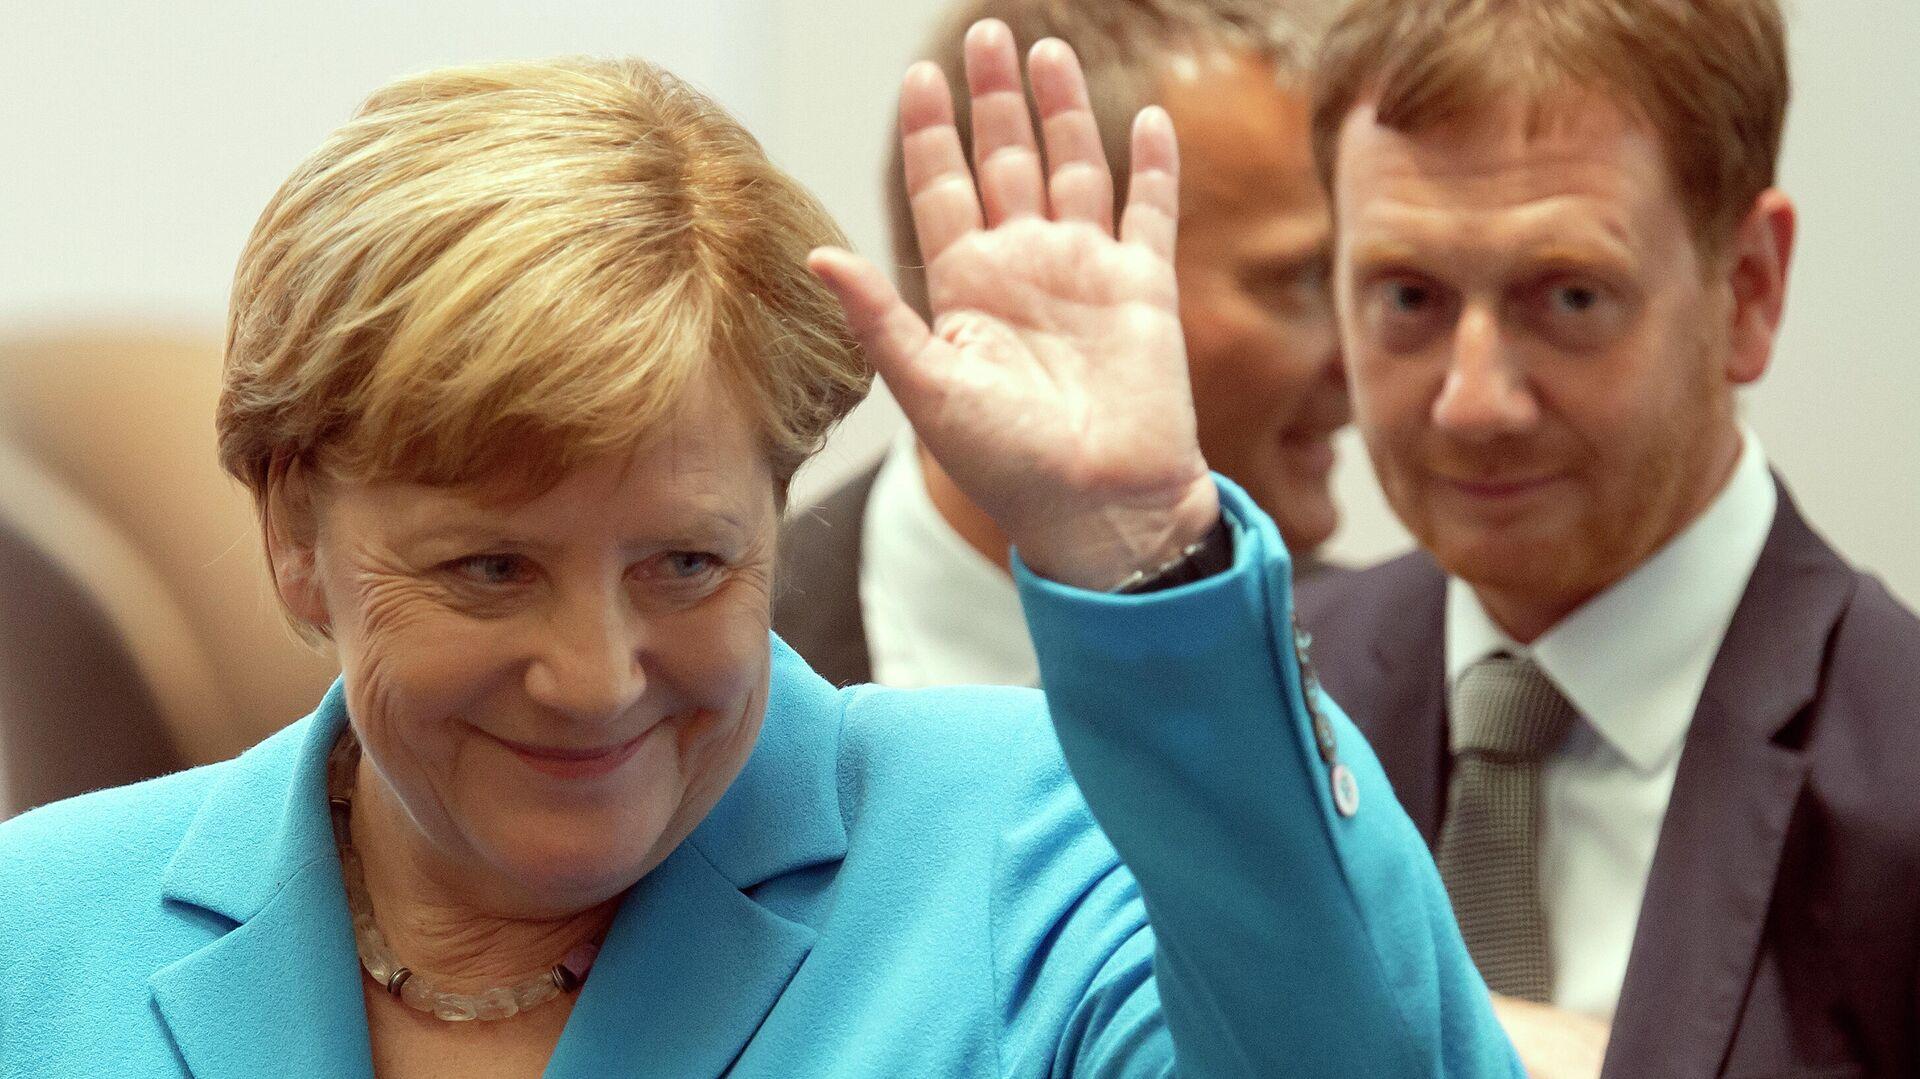 Канцлер Германии Ангела Меркель и премьер-министр Саксонии Михаэль Кречмер - РИА Новости, 1920, 29.09.2021